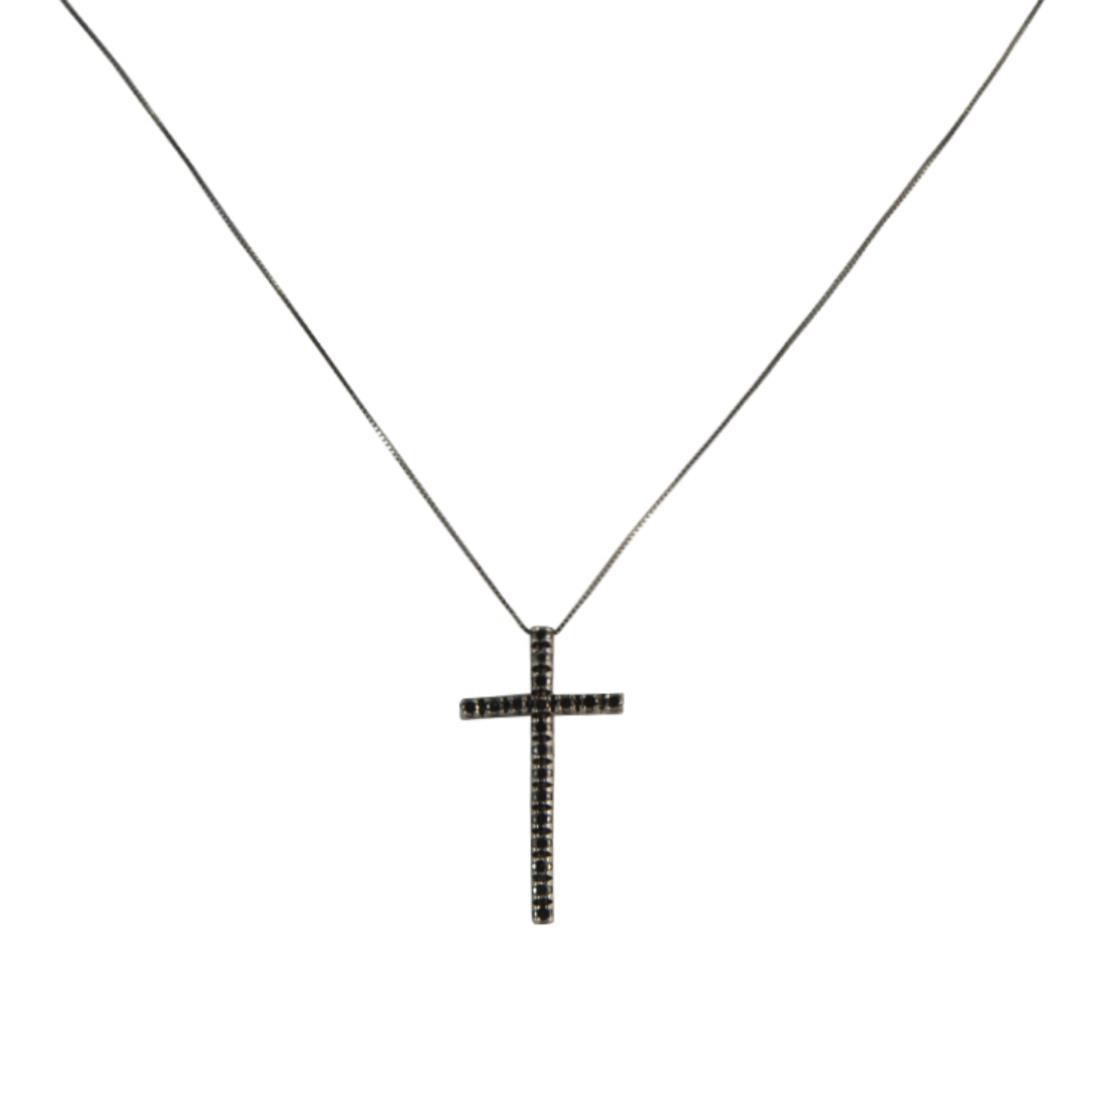 Ciondolo in oro con diamanti neri ct 0.30 misura 3.80cm - ALFIERI ST JOHN